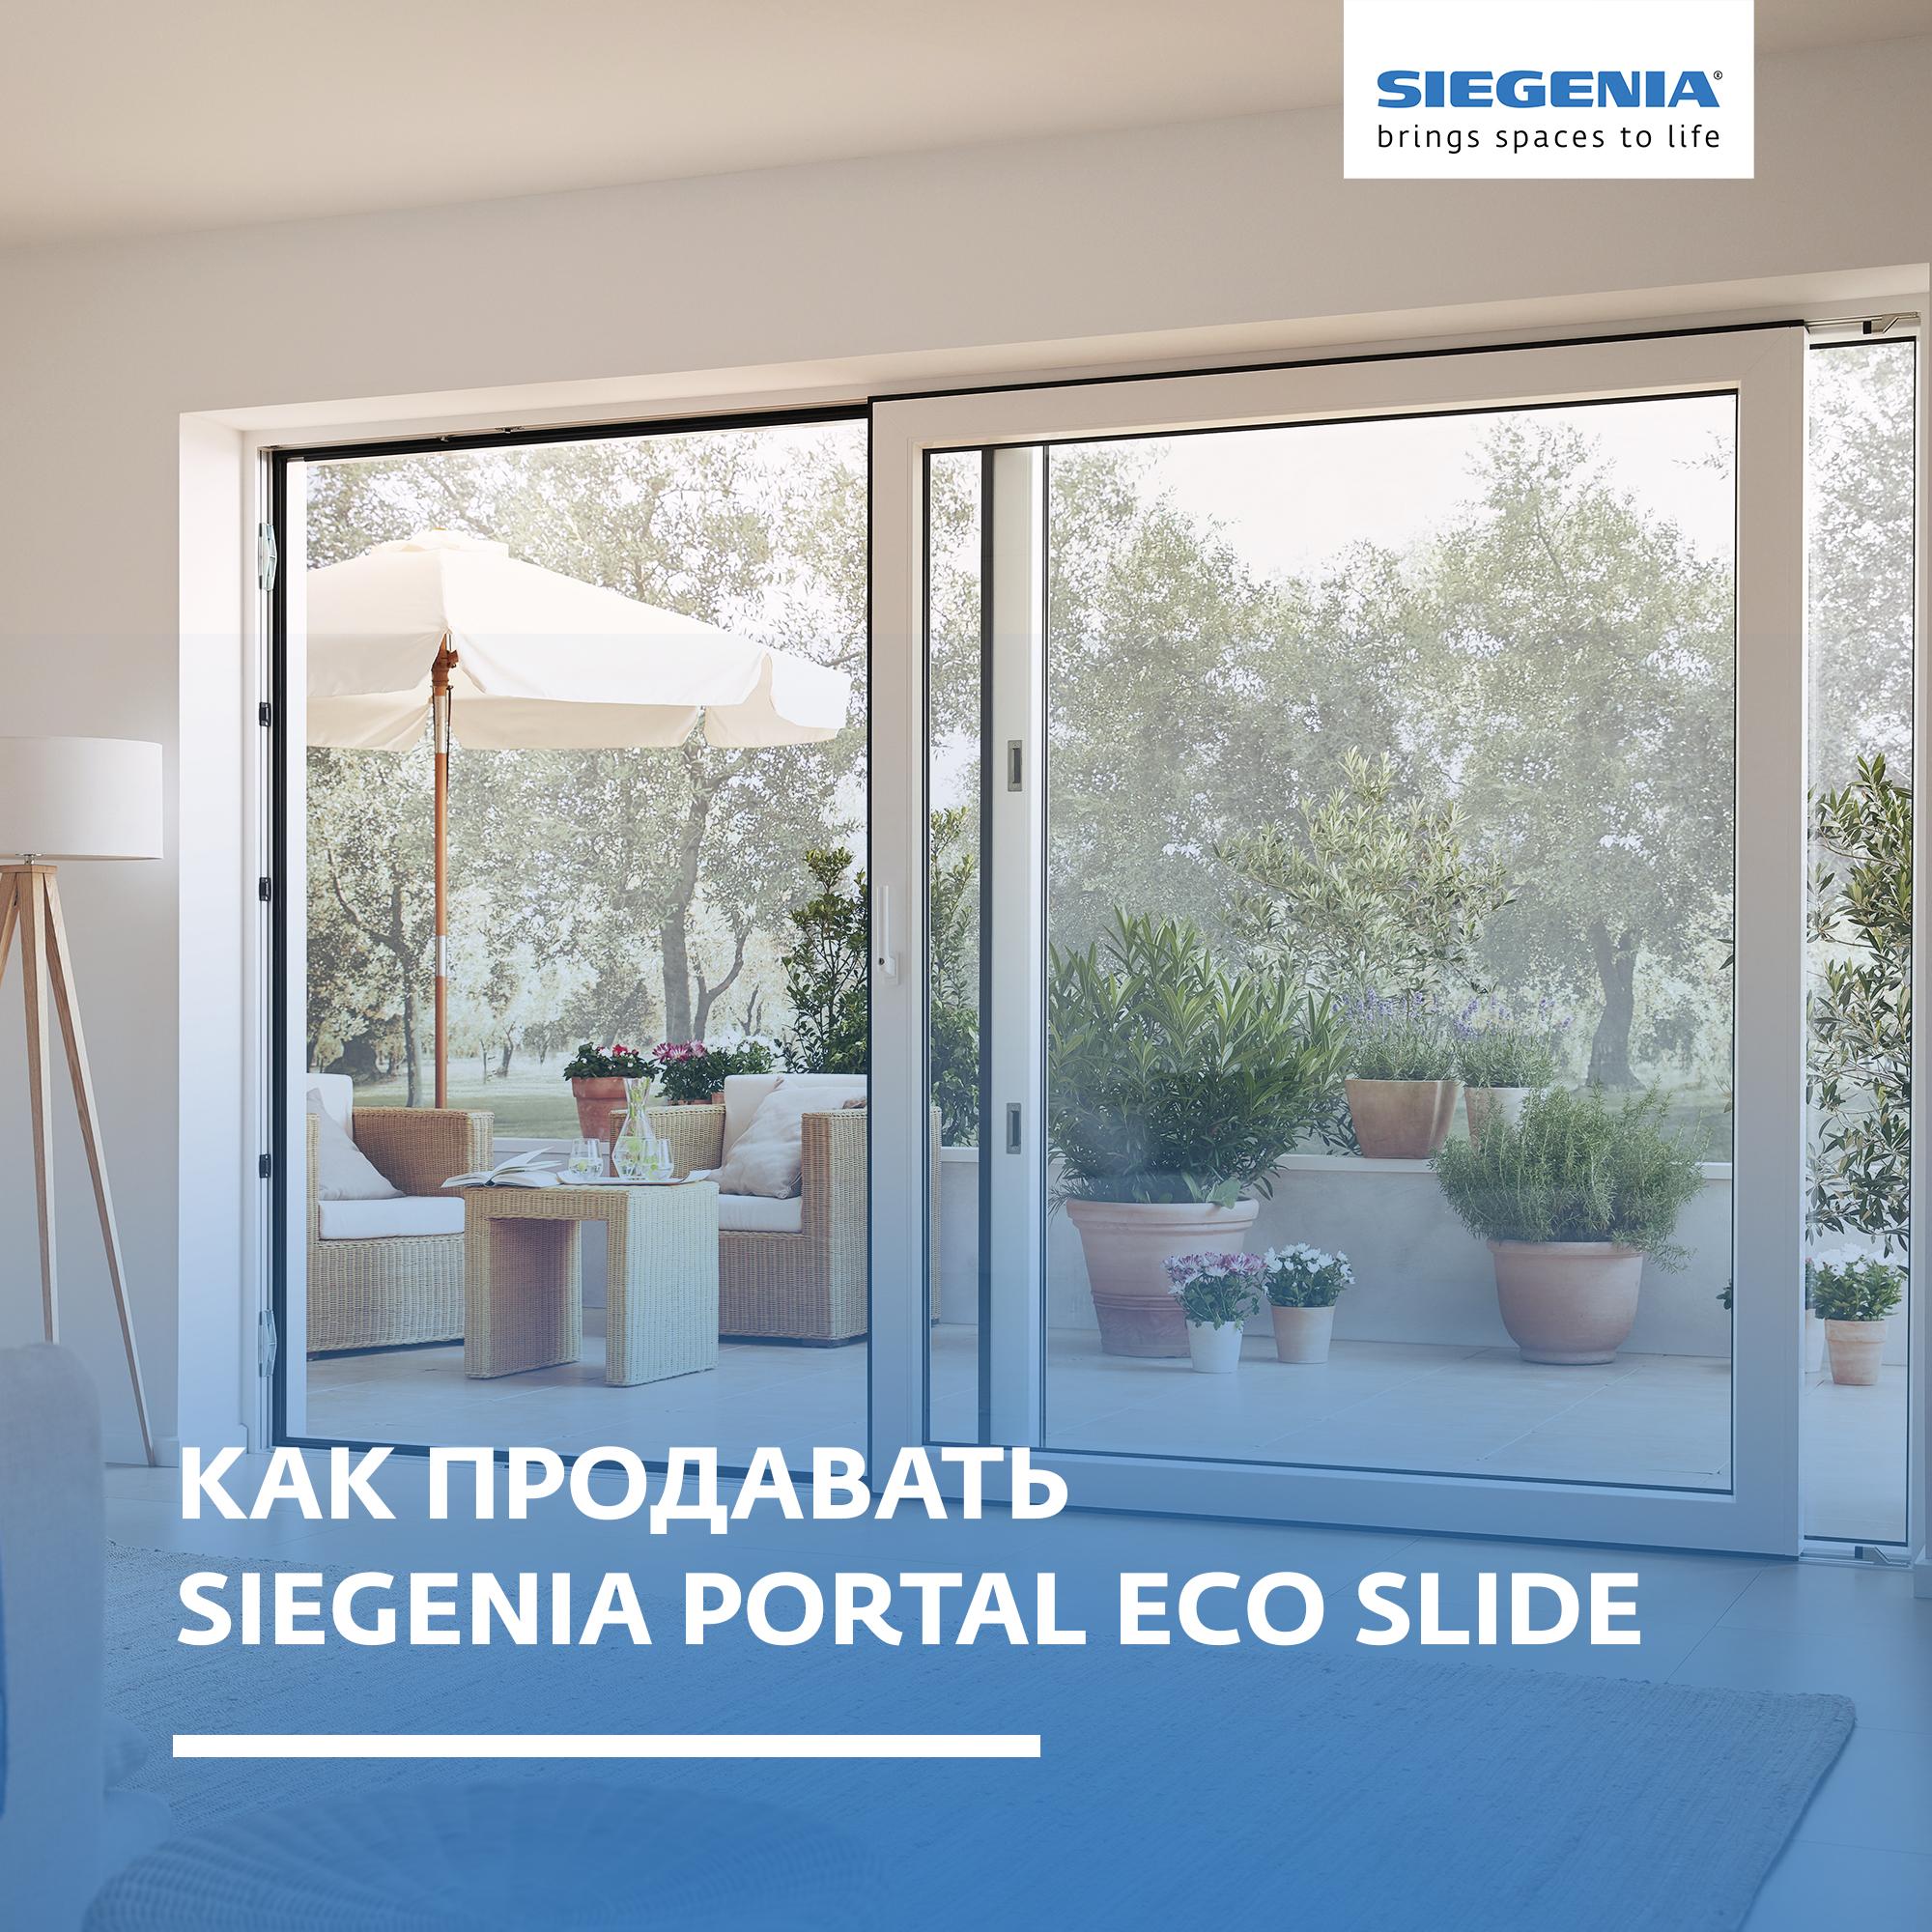 kak-prodavat-SIEGENIA-PORTAL-ECO-SLIDE